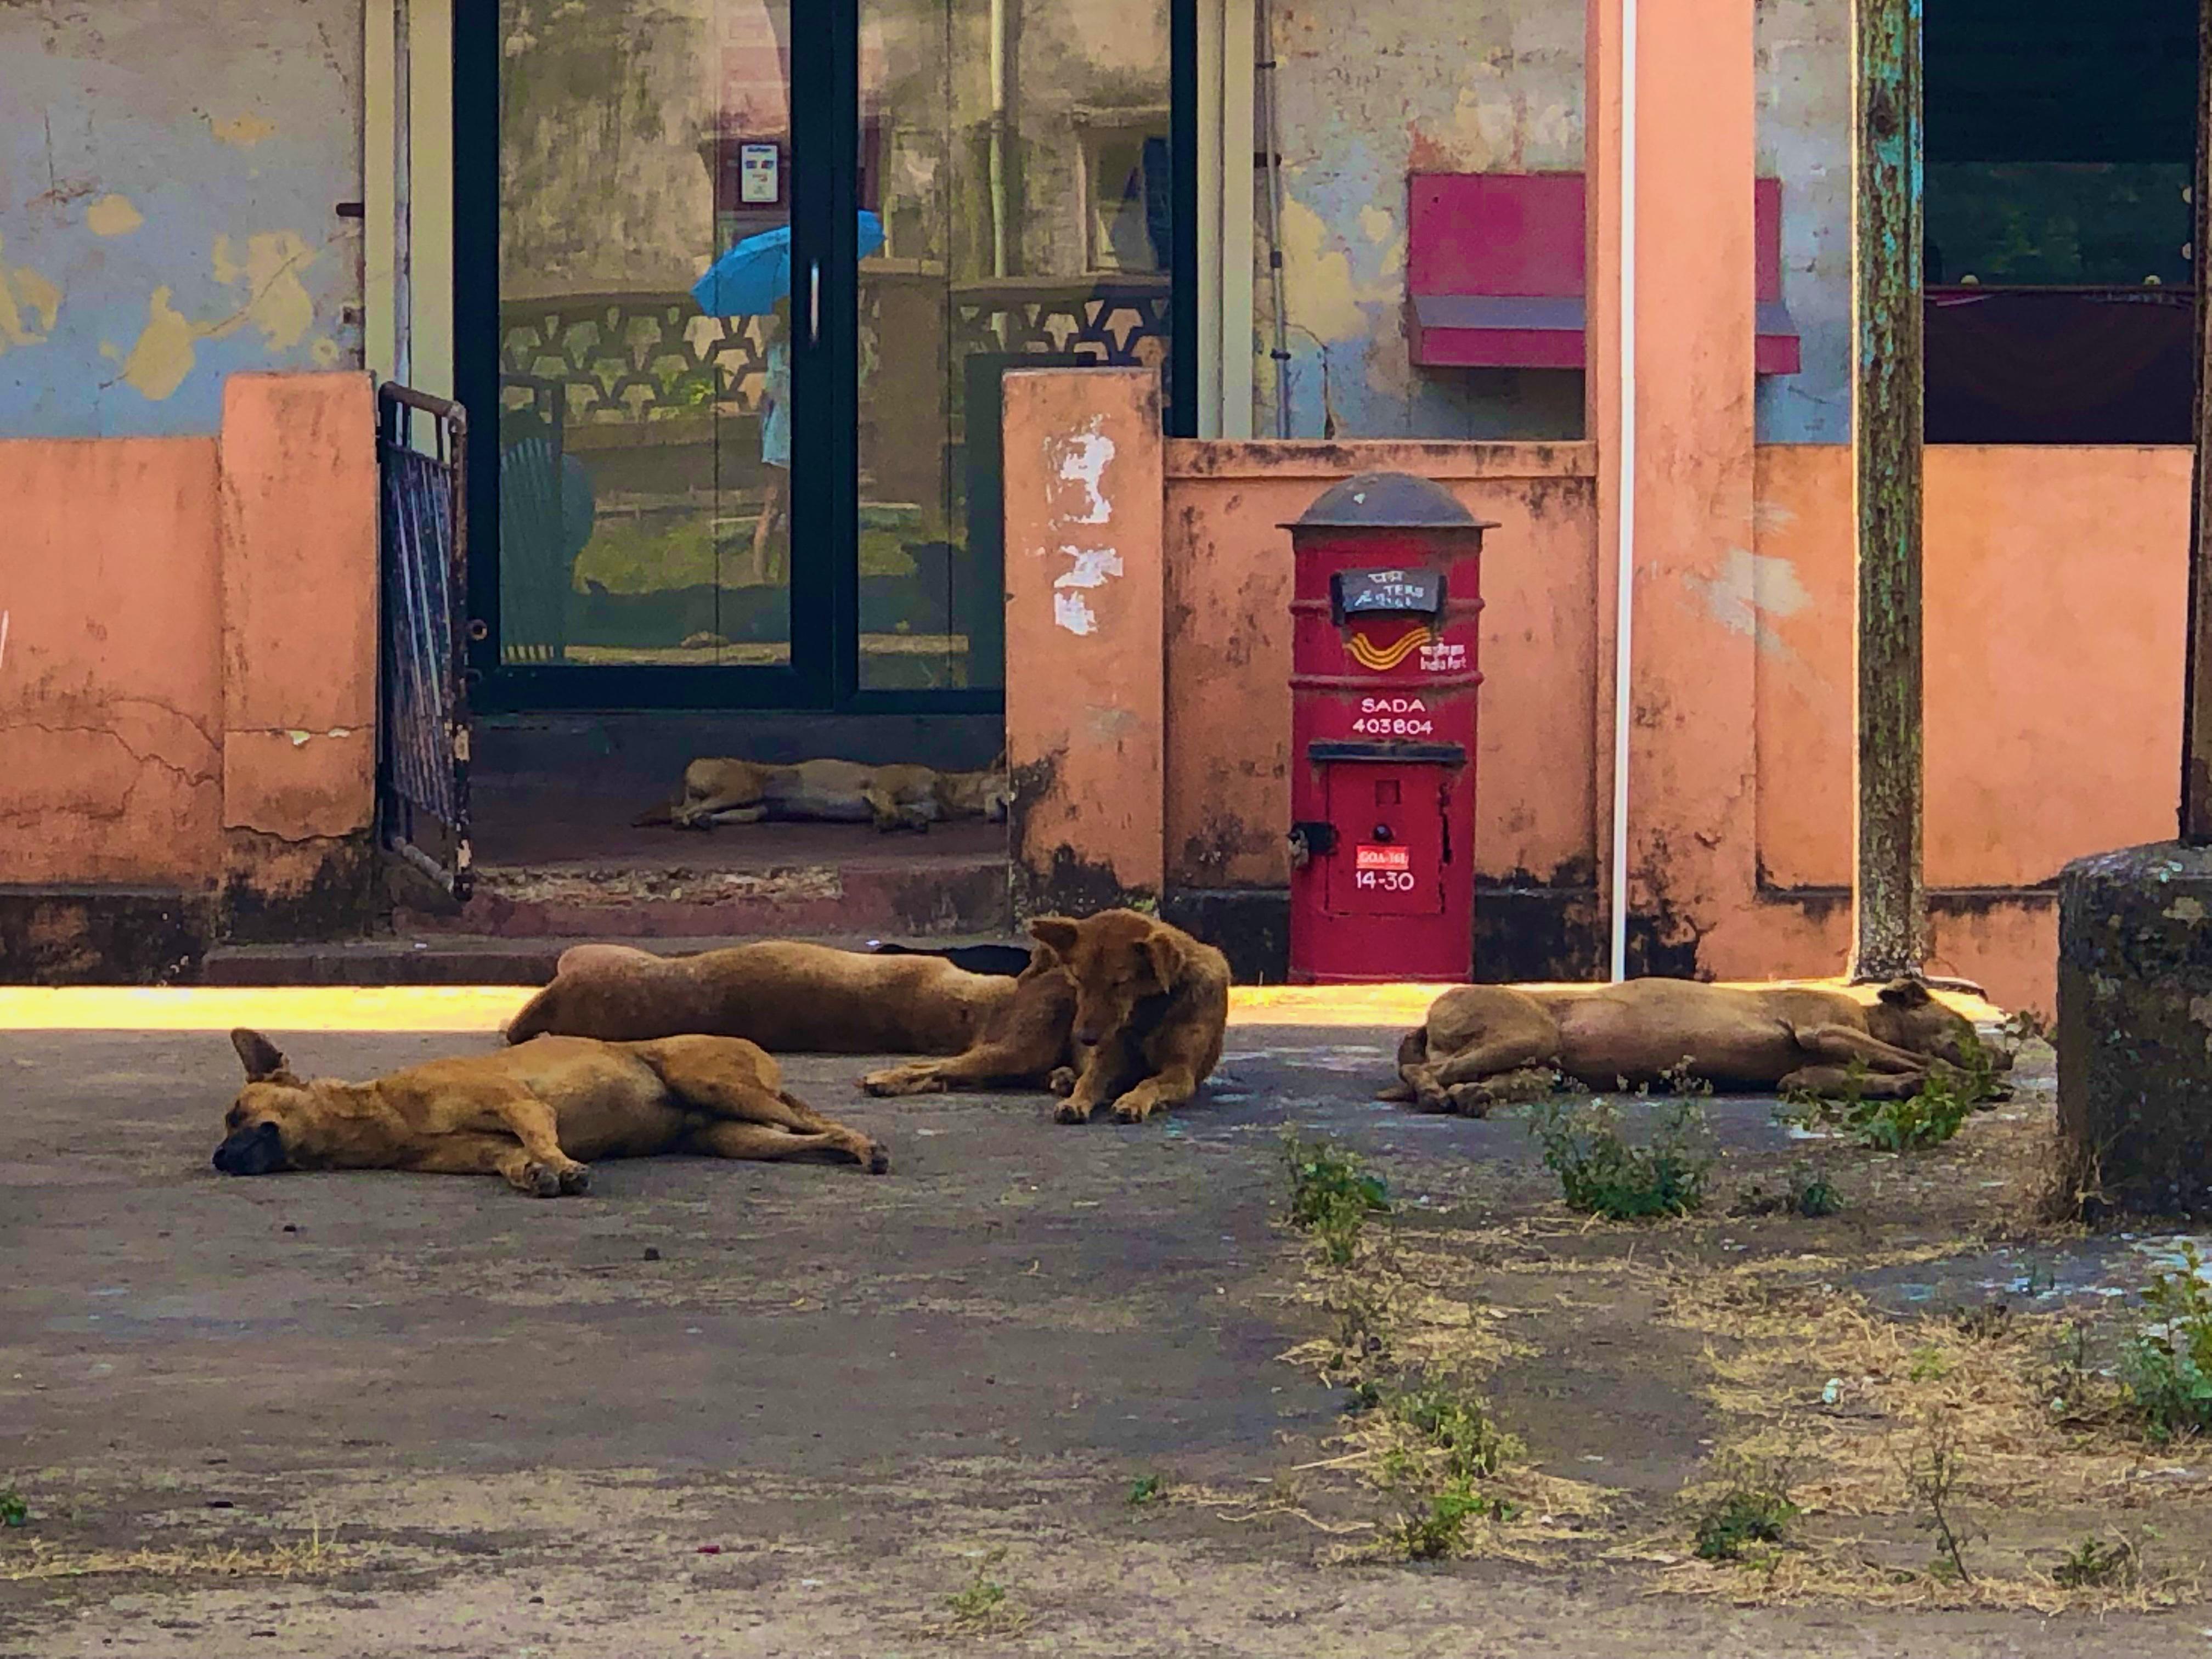 Kutyák mindenütt kószálnak vagy inkább pihennek Indiában